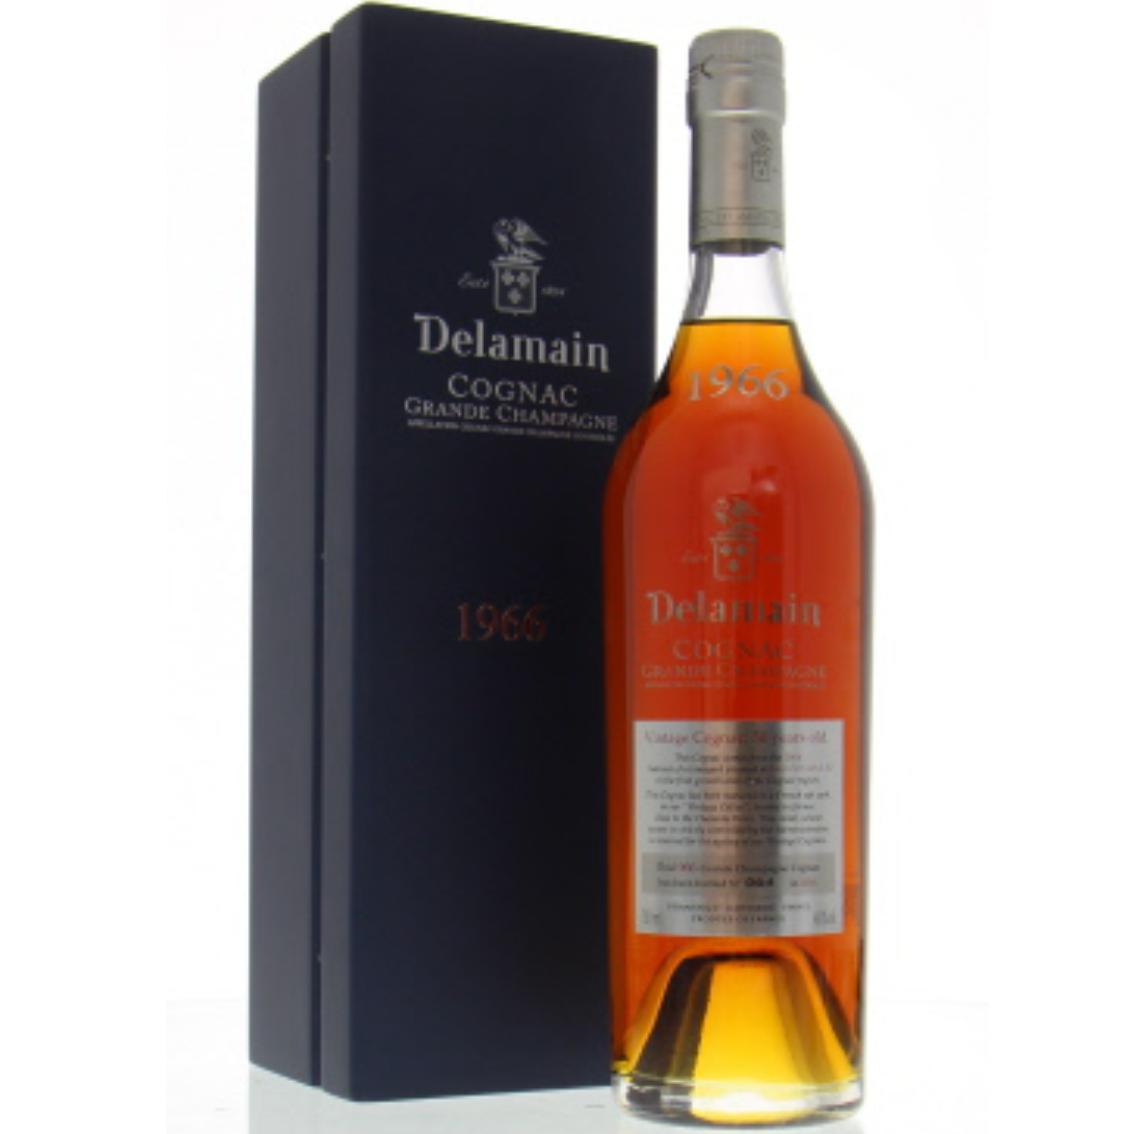 1966 Cognac - Delamain